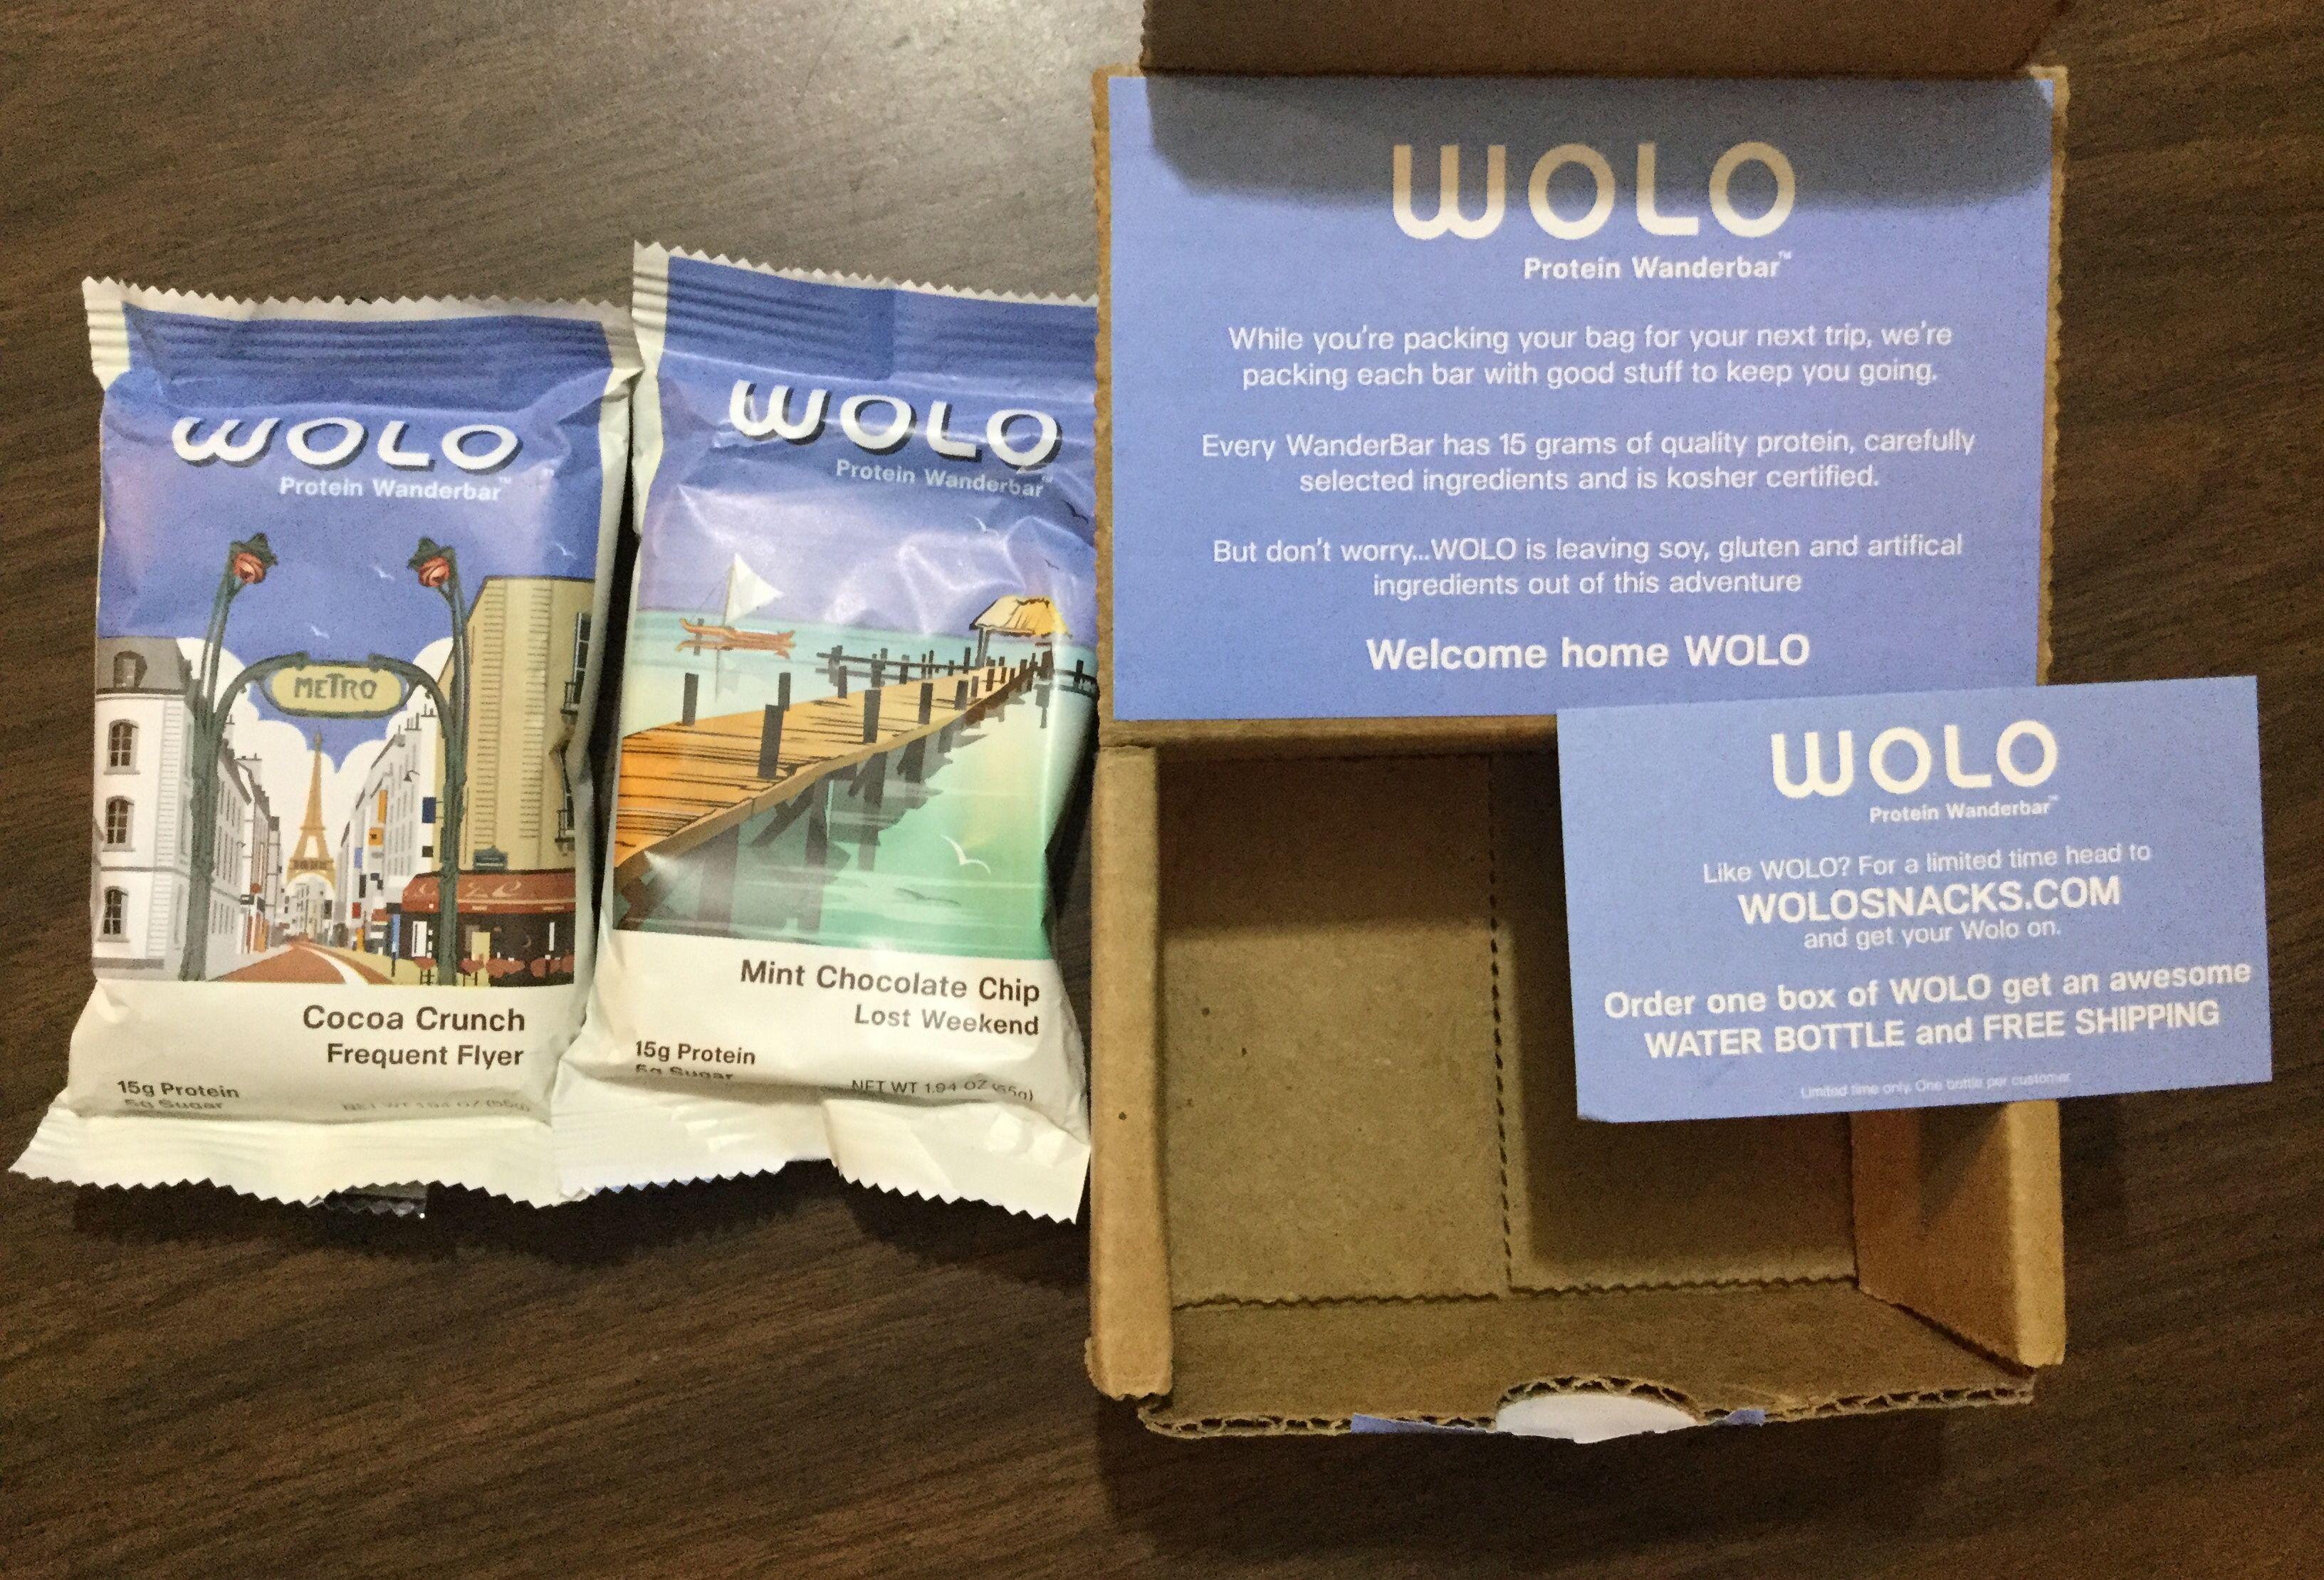 Choose 1 of 4 free trojan condom samples free stuff & freebies.